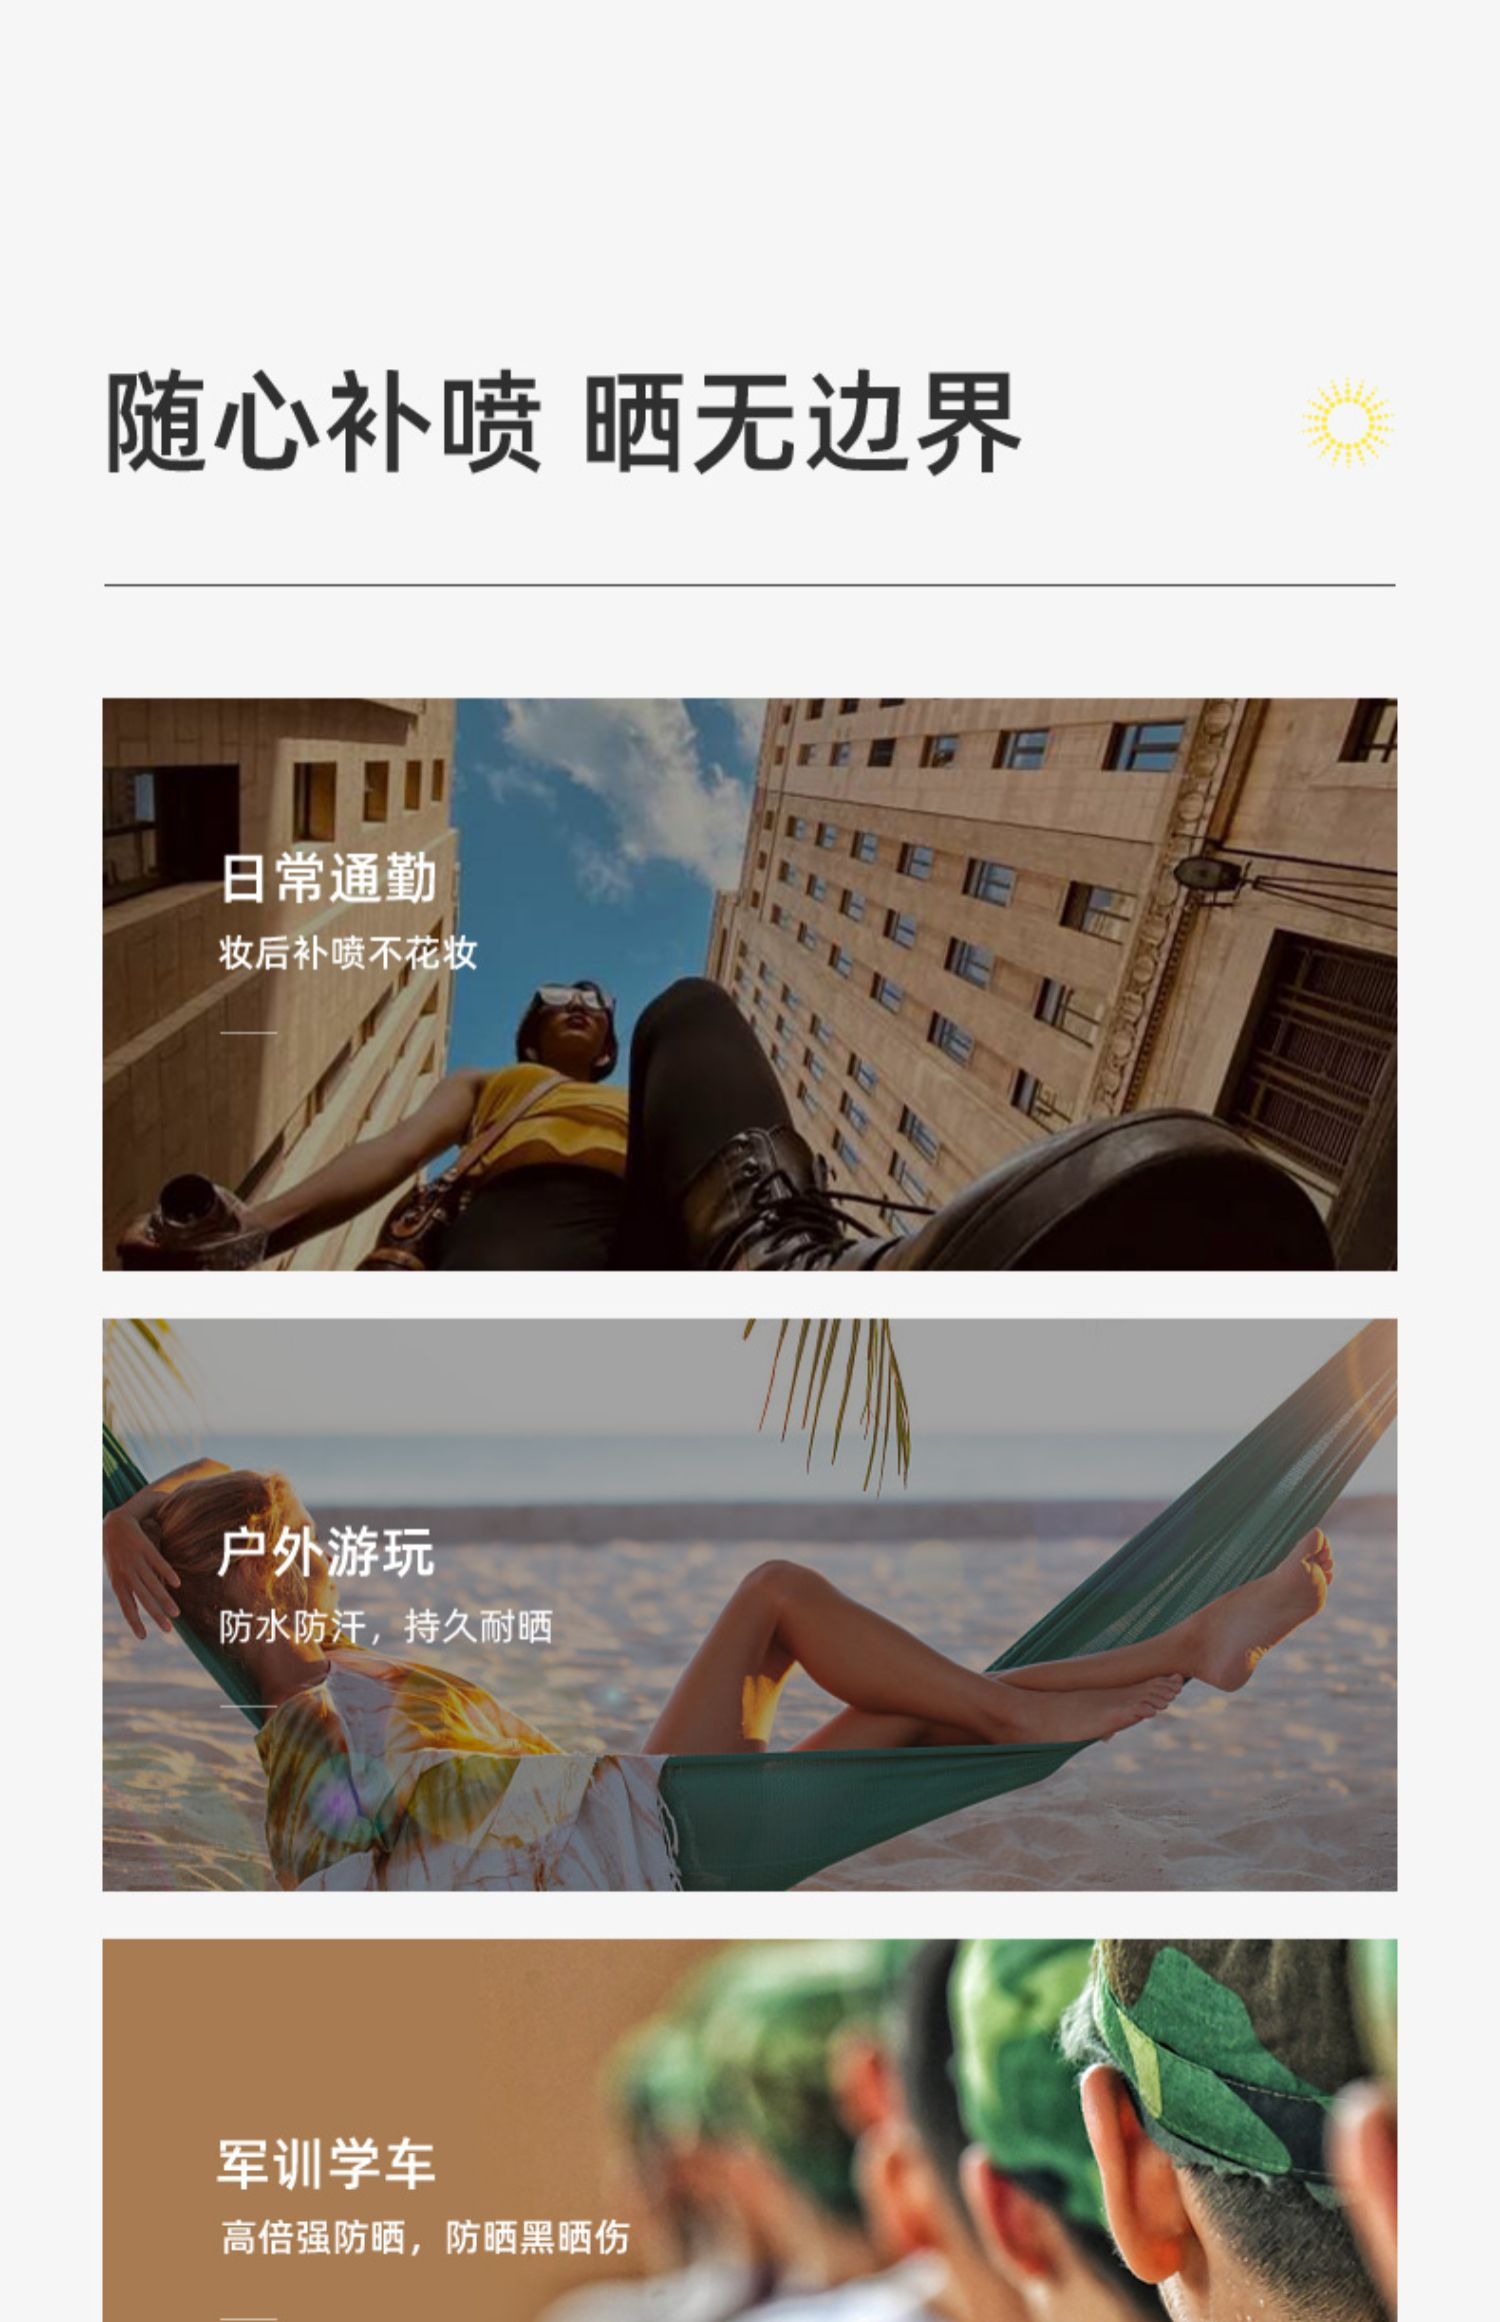 """瓶玥之秘水晶防晒喷雾霜小瓶便携"""""""